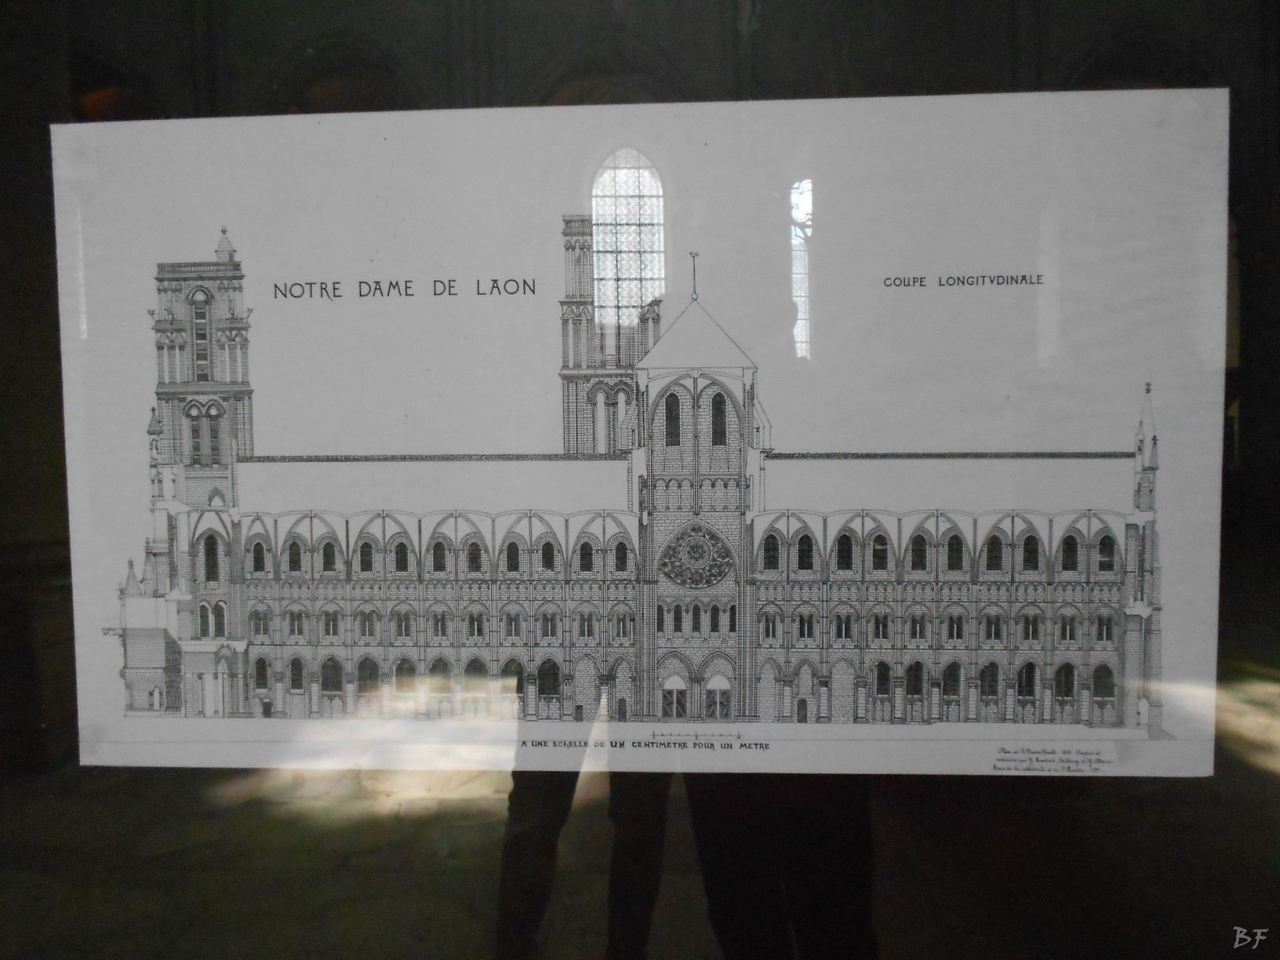 Cattedrale-Gotica-della-Vergine-di-Laon-Aisne-Hauts-de-France-23